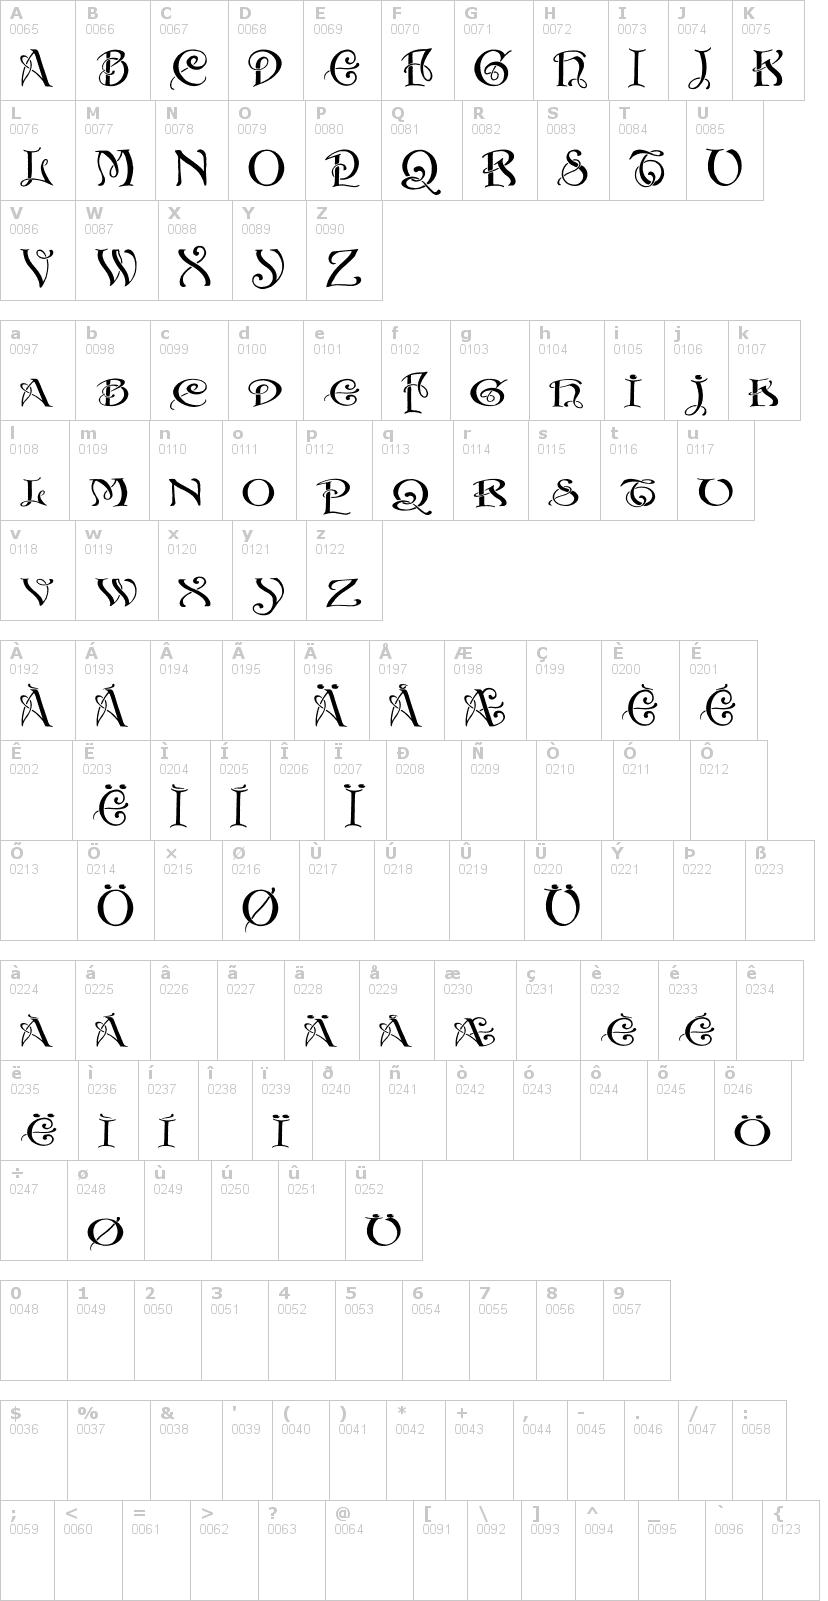 Lettere dell'alfabeto del font initials-with-curls con le quali è possibile realizzare adesivi prespaziati